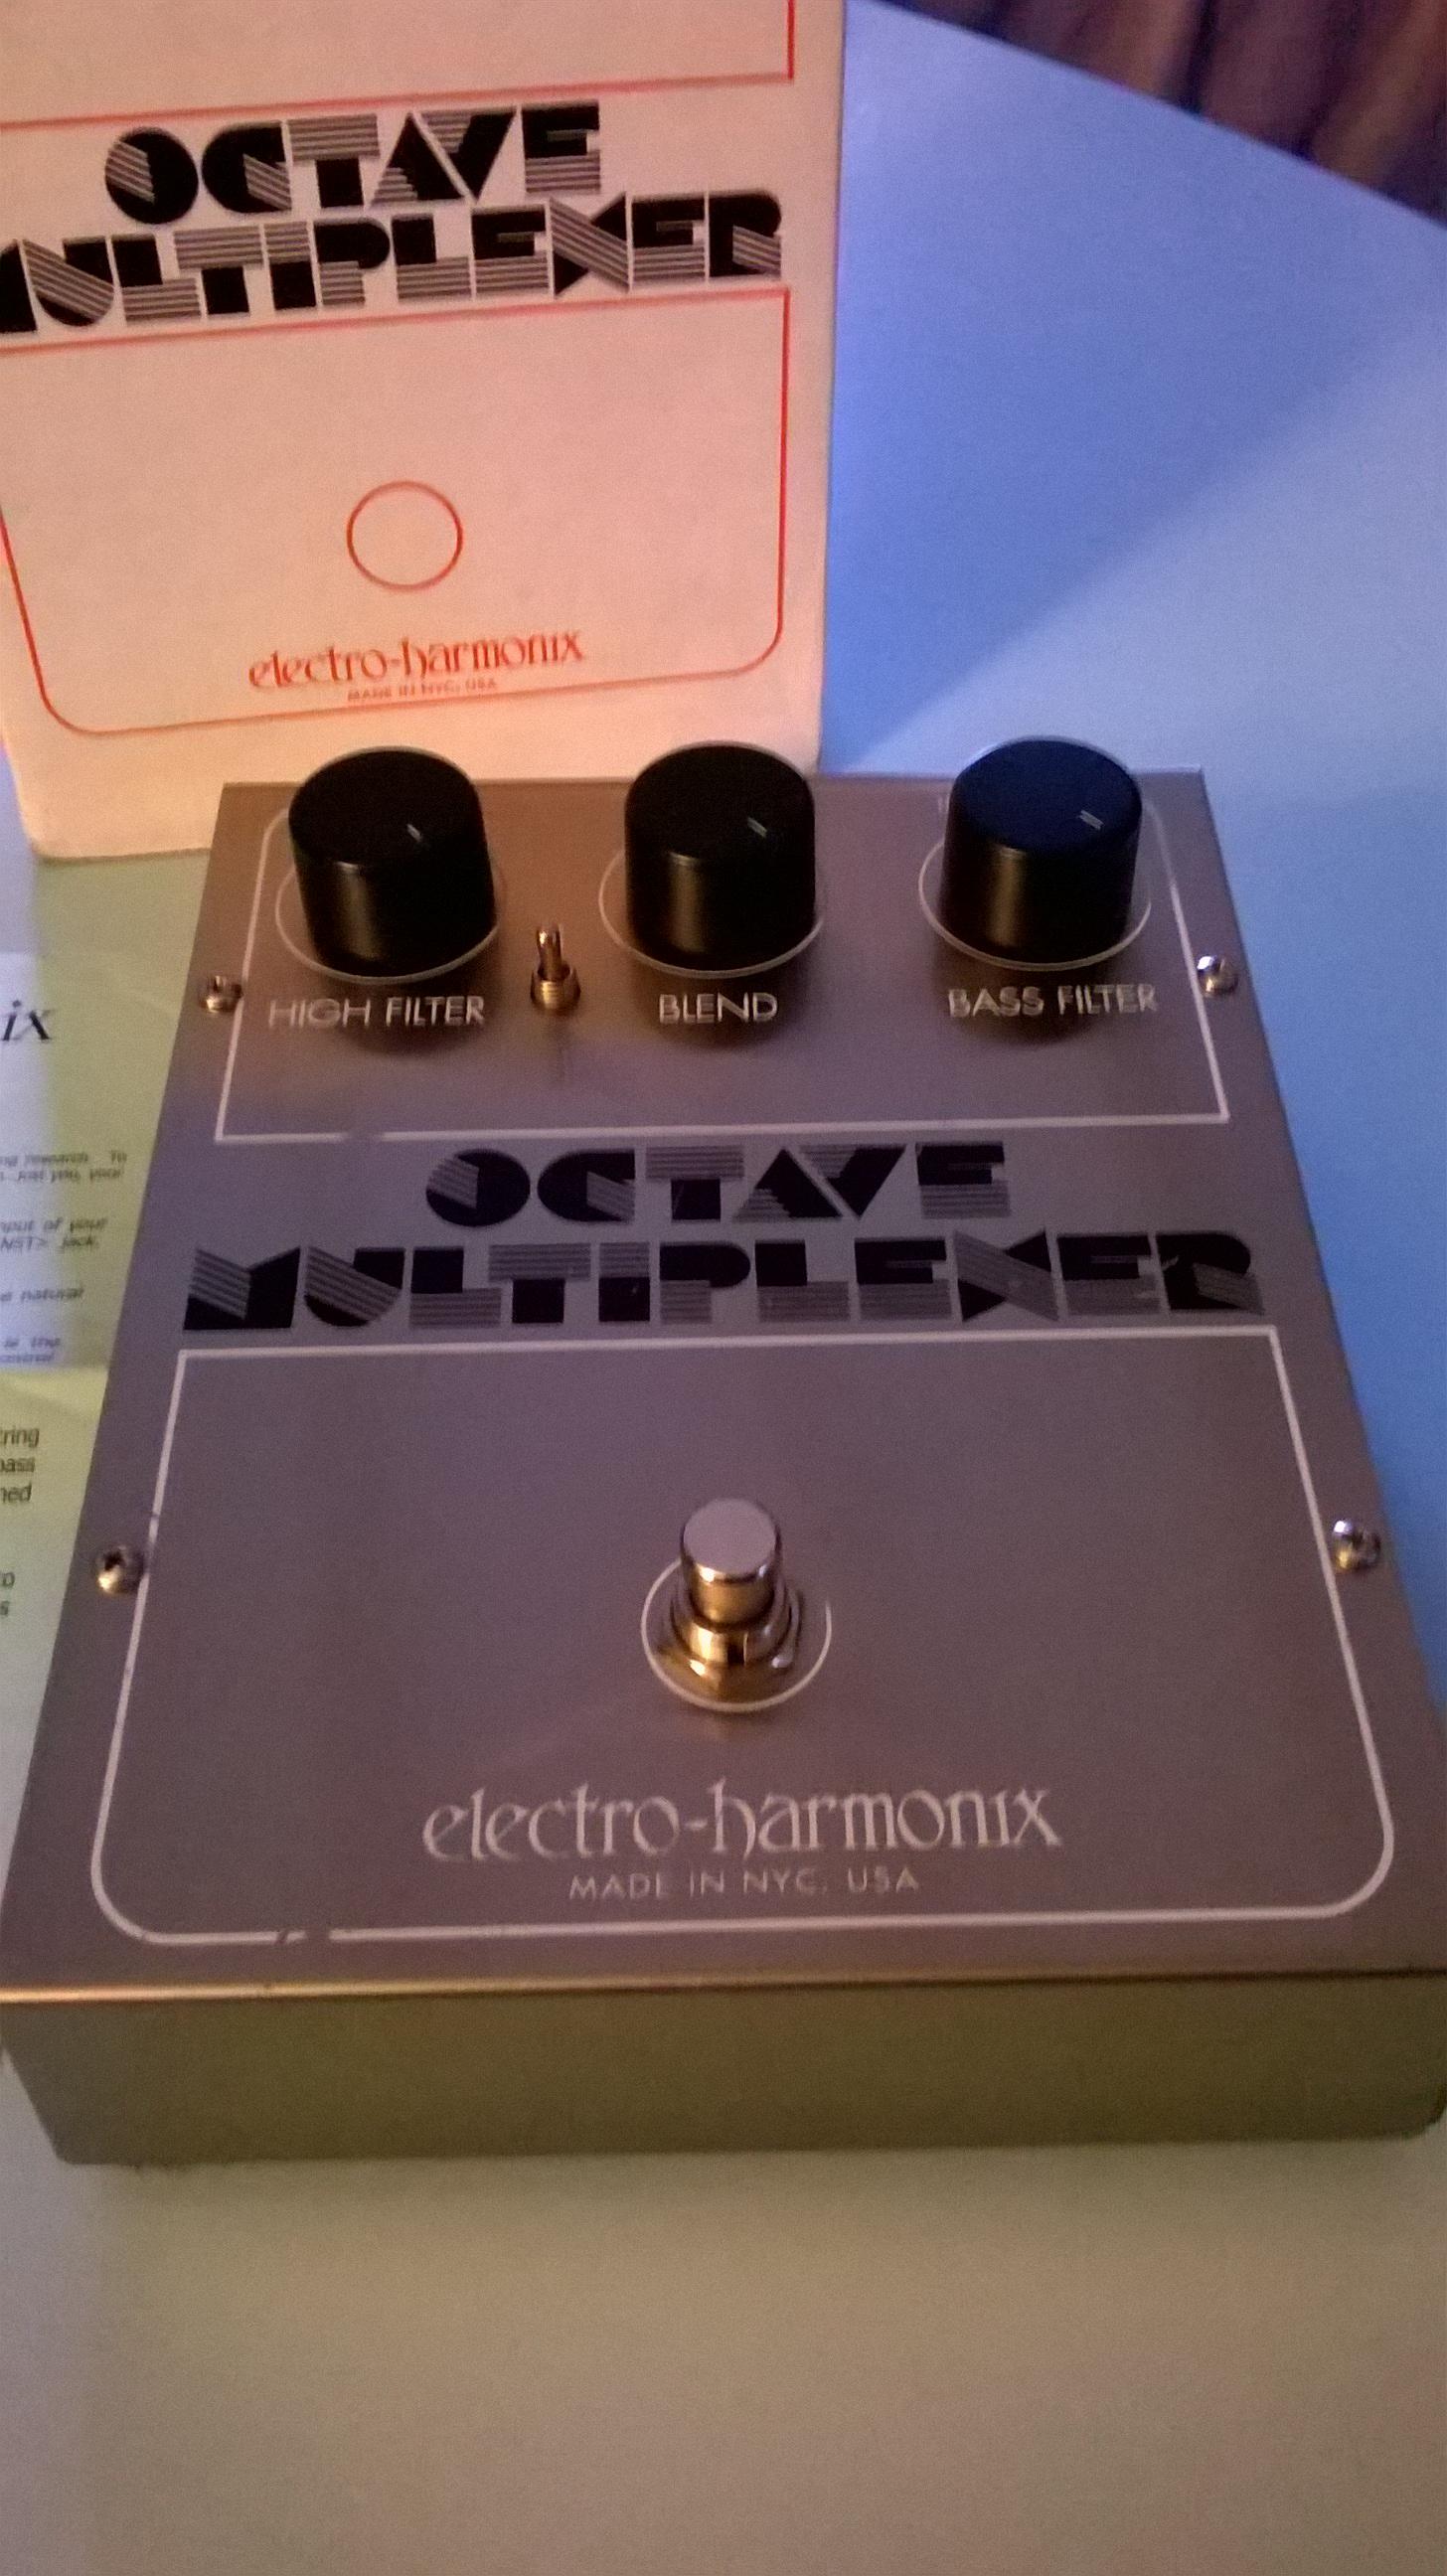 octave multiplexer reissue electro harmonix audiofanzine. Black Bedroom Furniture Sets. Home Design Ideas